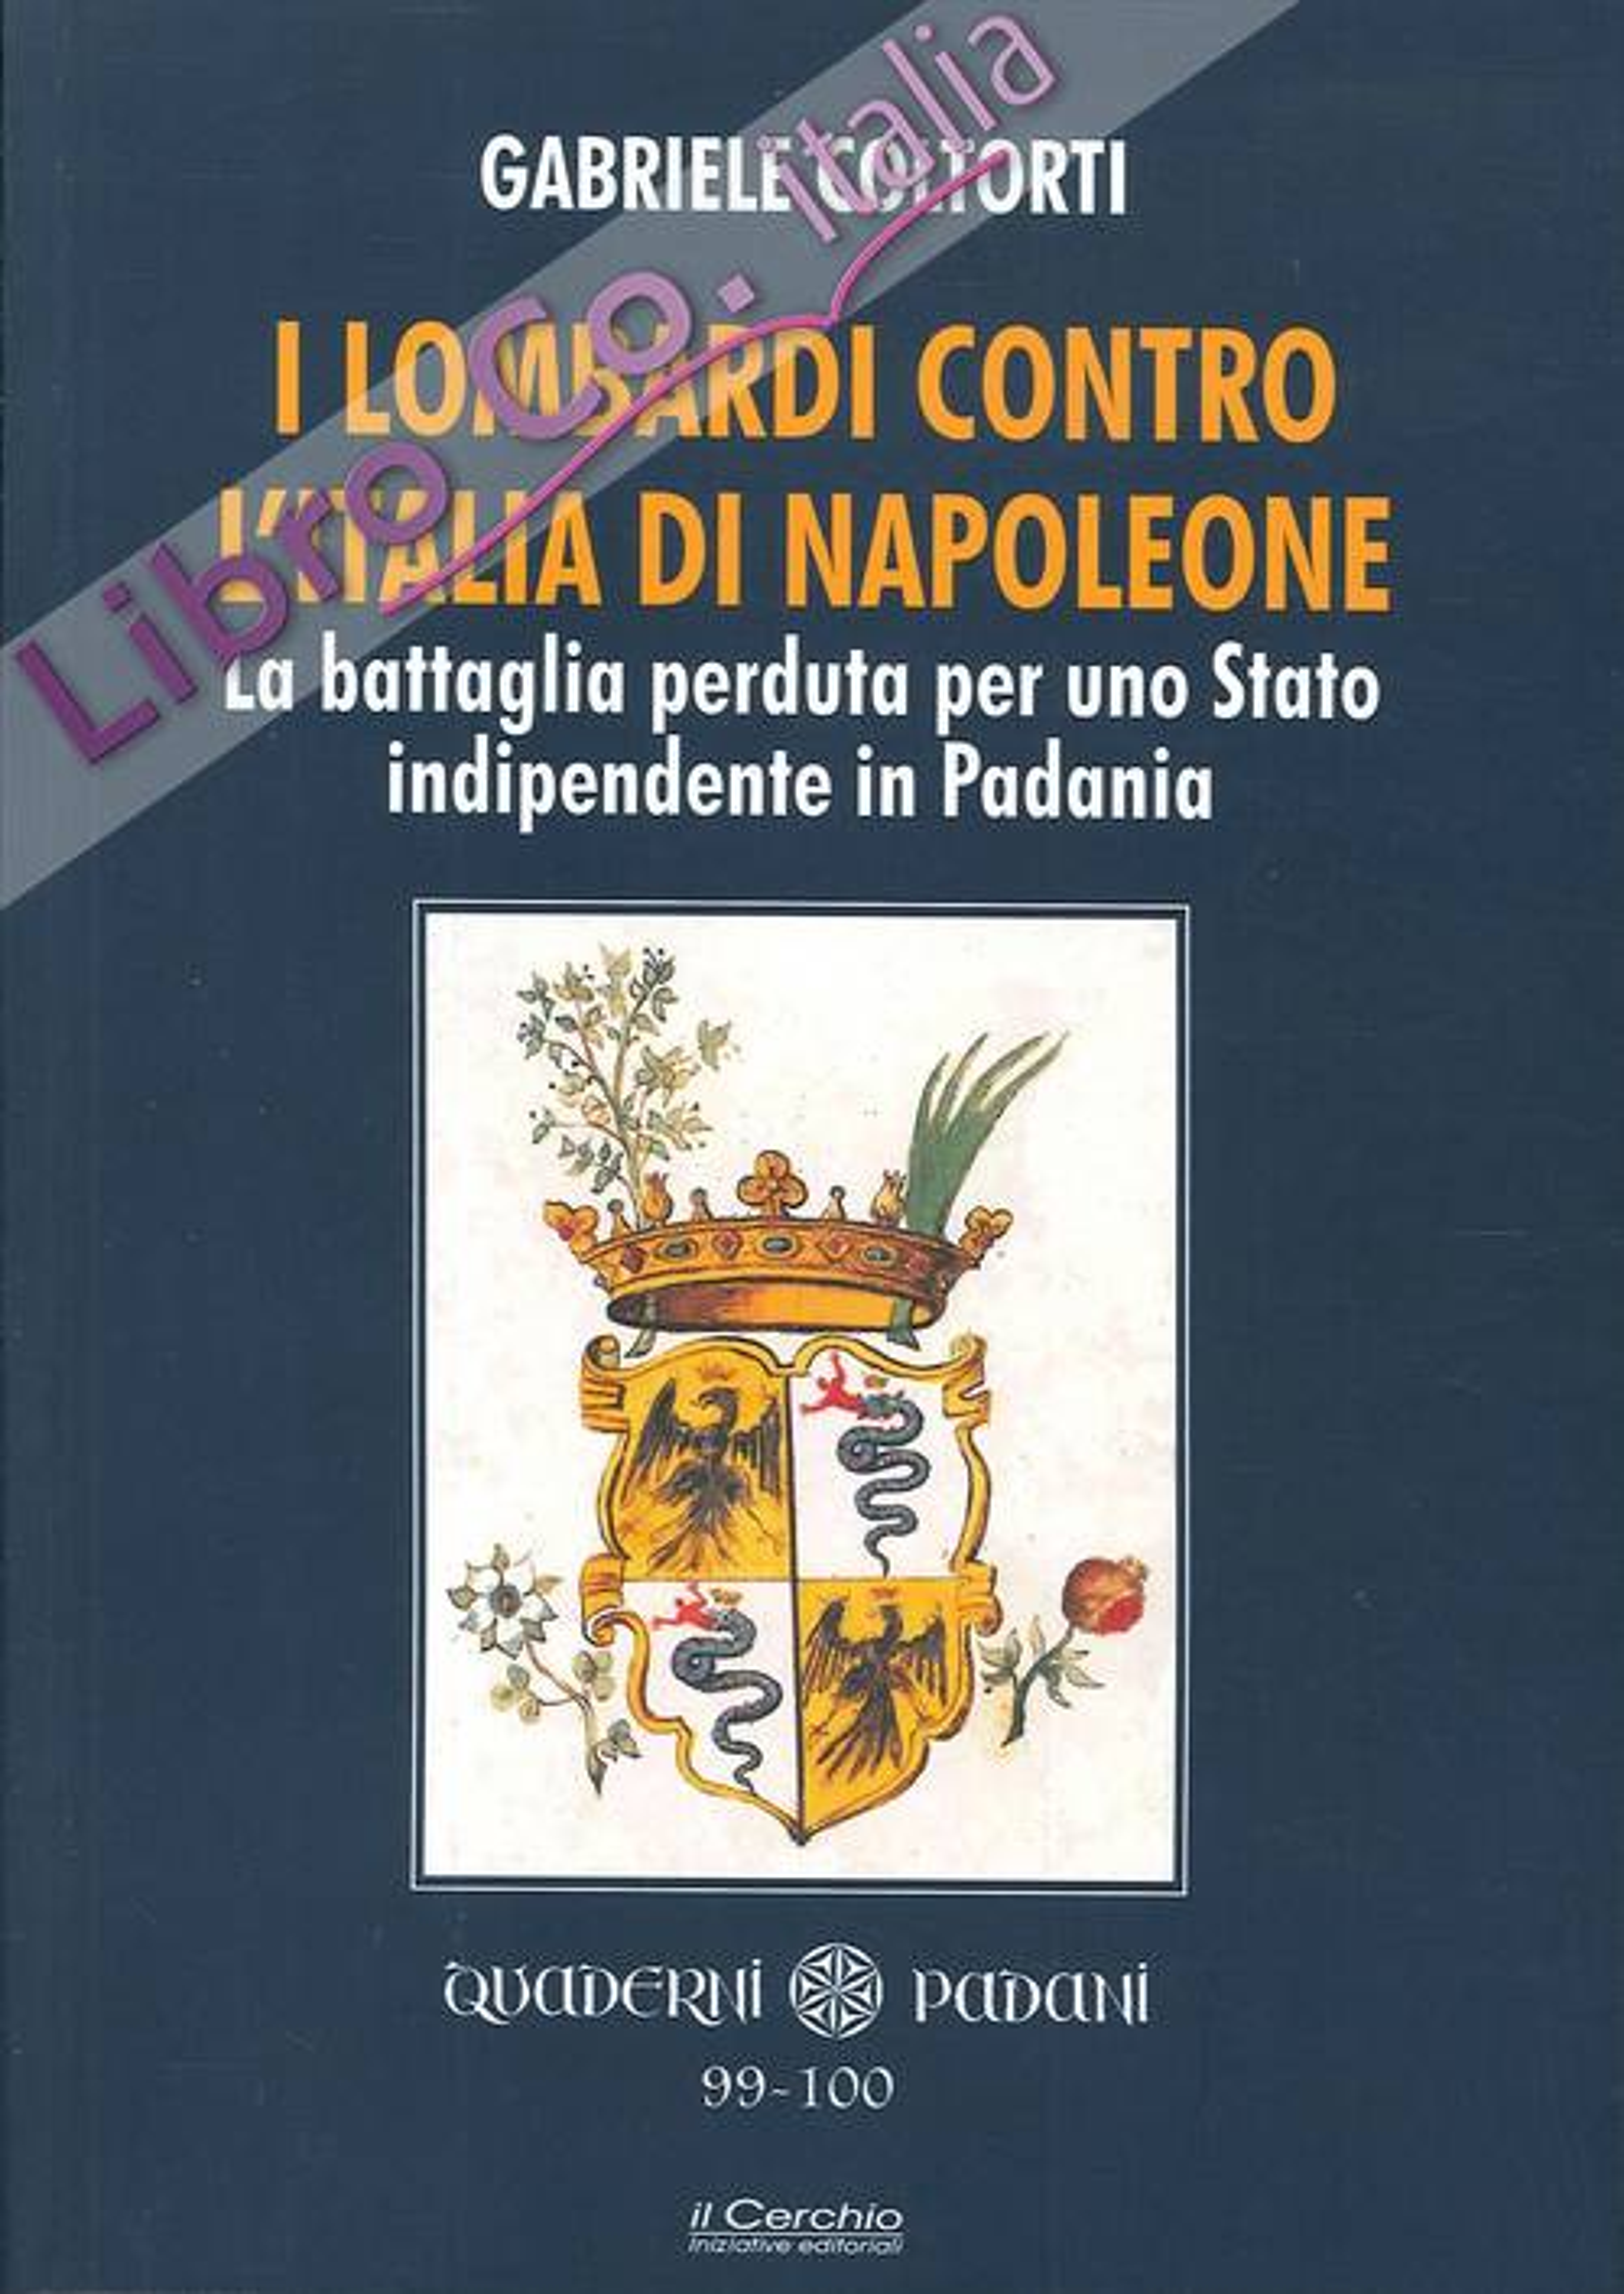 I lombardi contro l'Italia di Napoleone. La battaglia perduta per uno Stato indipendente in Padania.